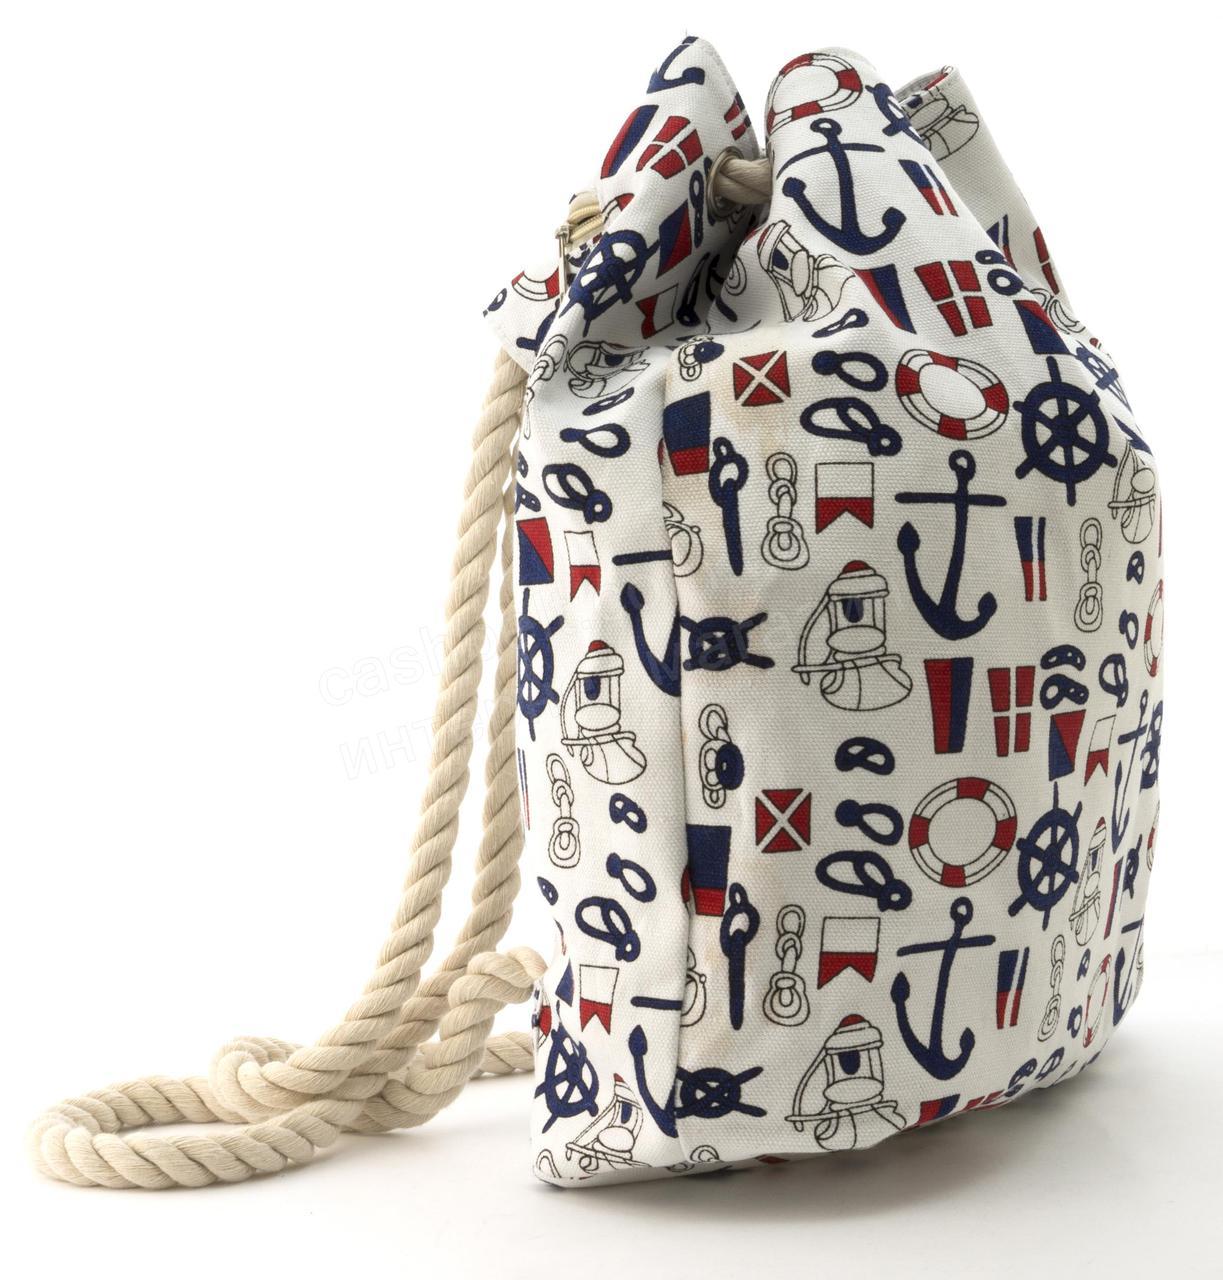 c78e2e1639ef Прочная вместительная женская пляжная сумка рюкзак art. 1507 (101741)  белая, фото 2 ...